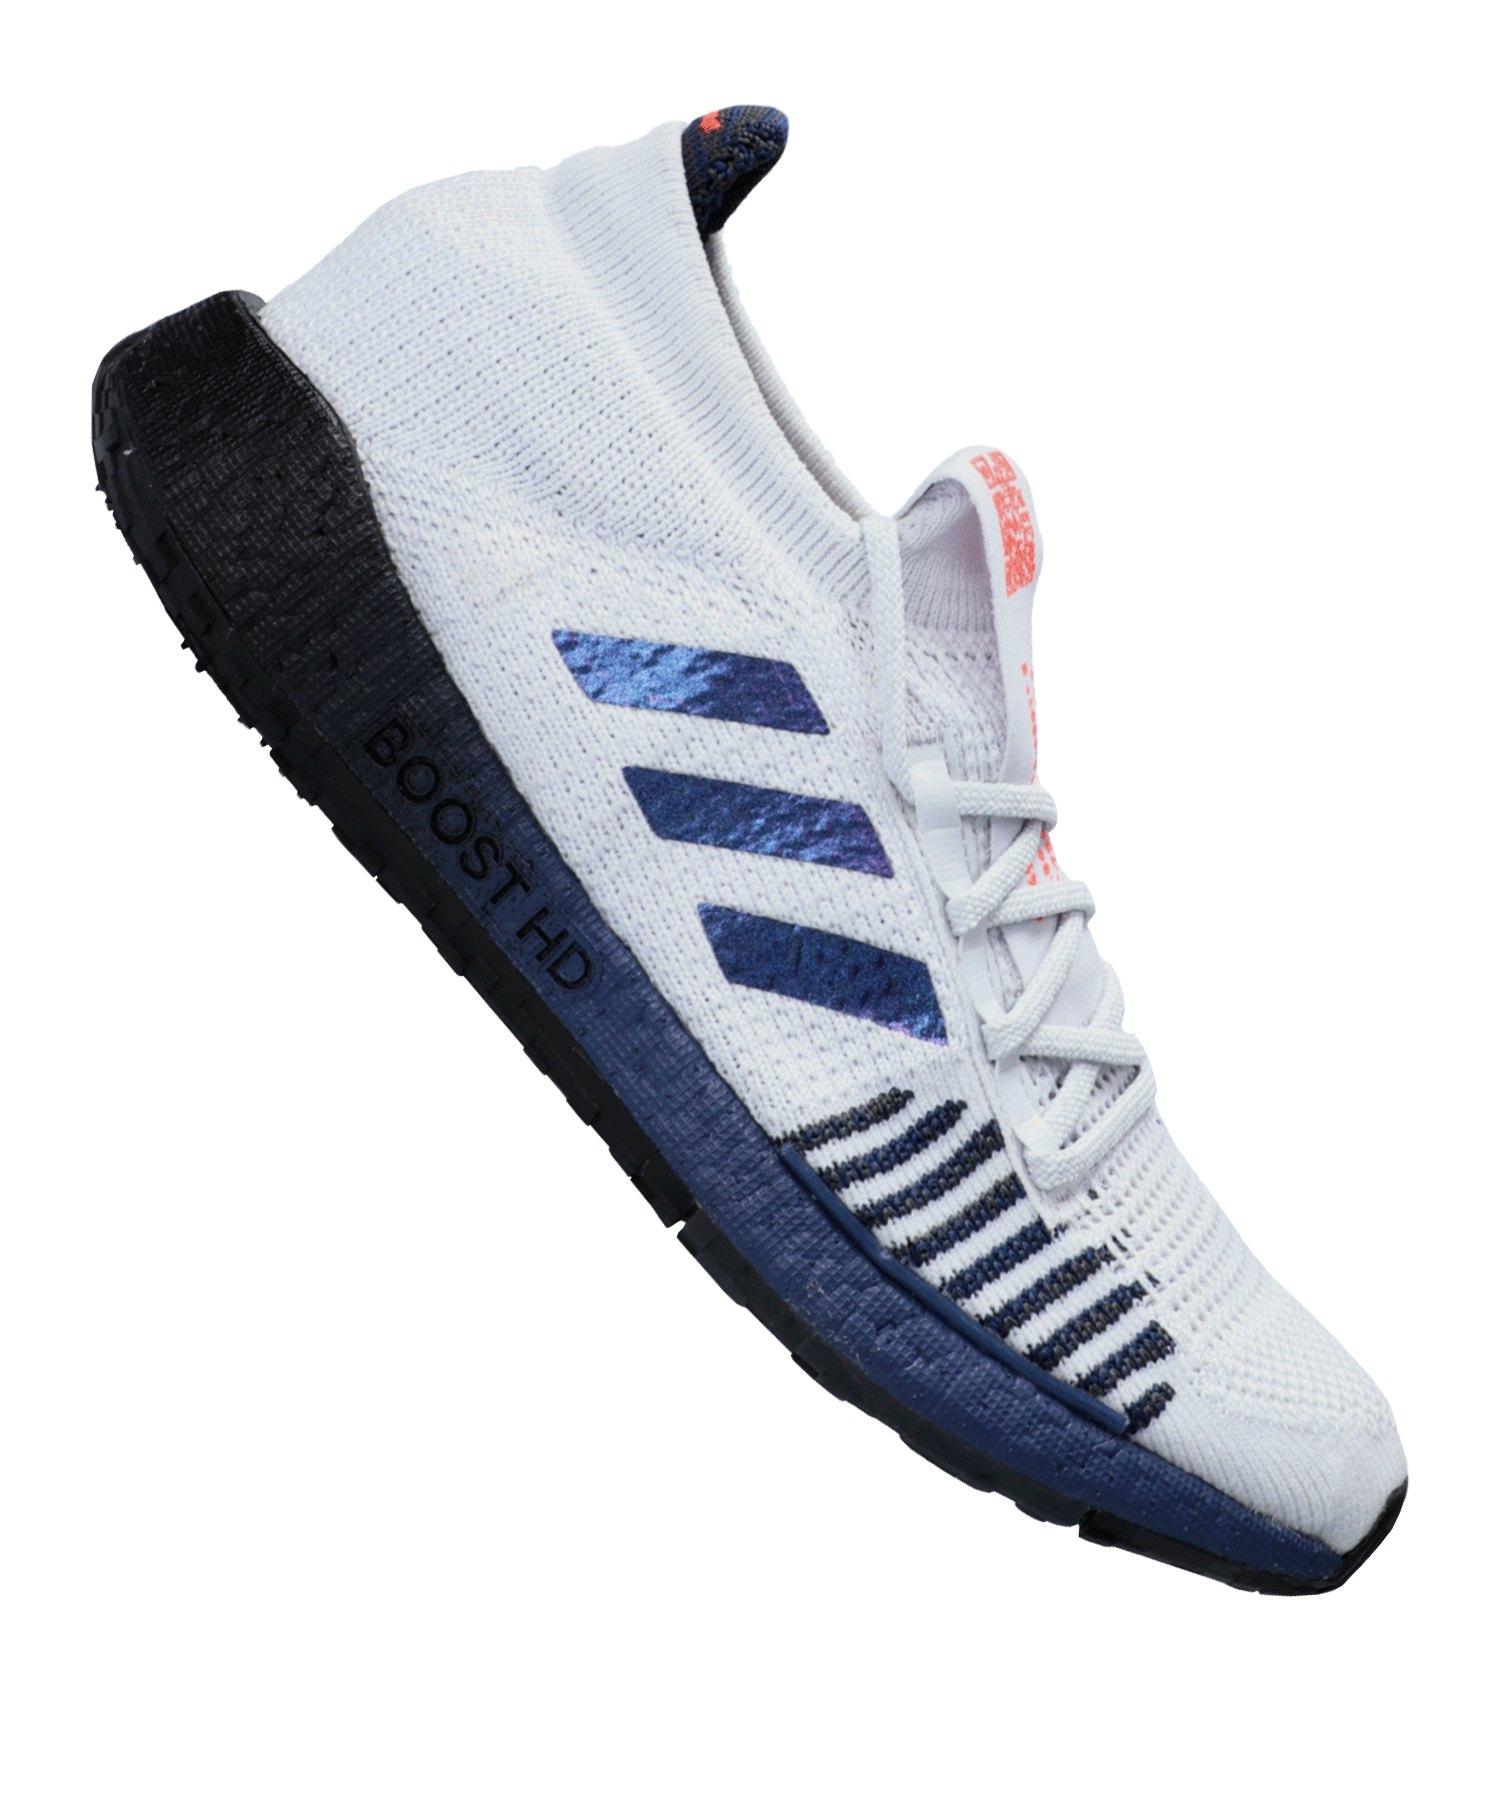 Adidas Pulseboost HD im Test | Running Culture Laufblog